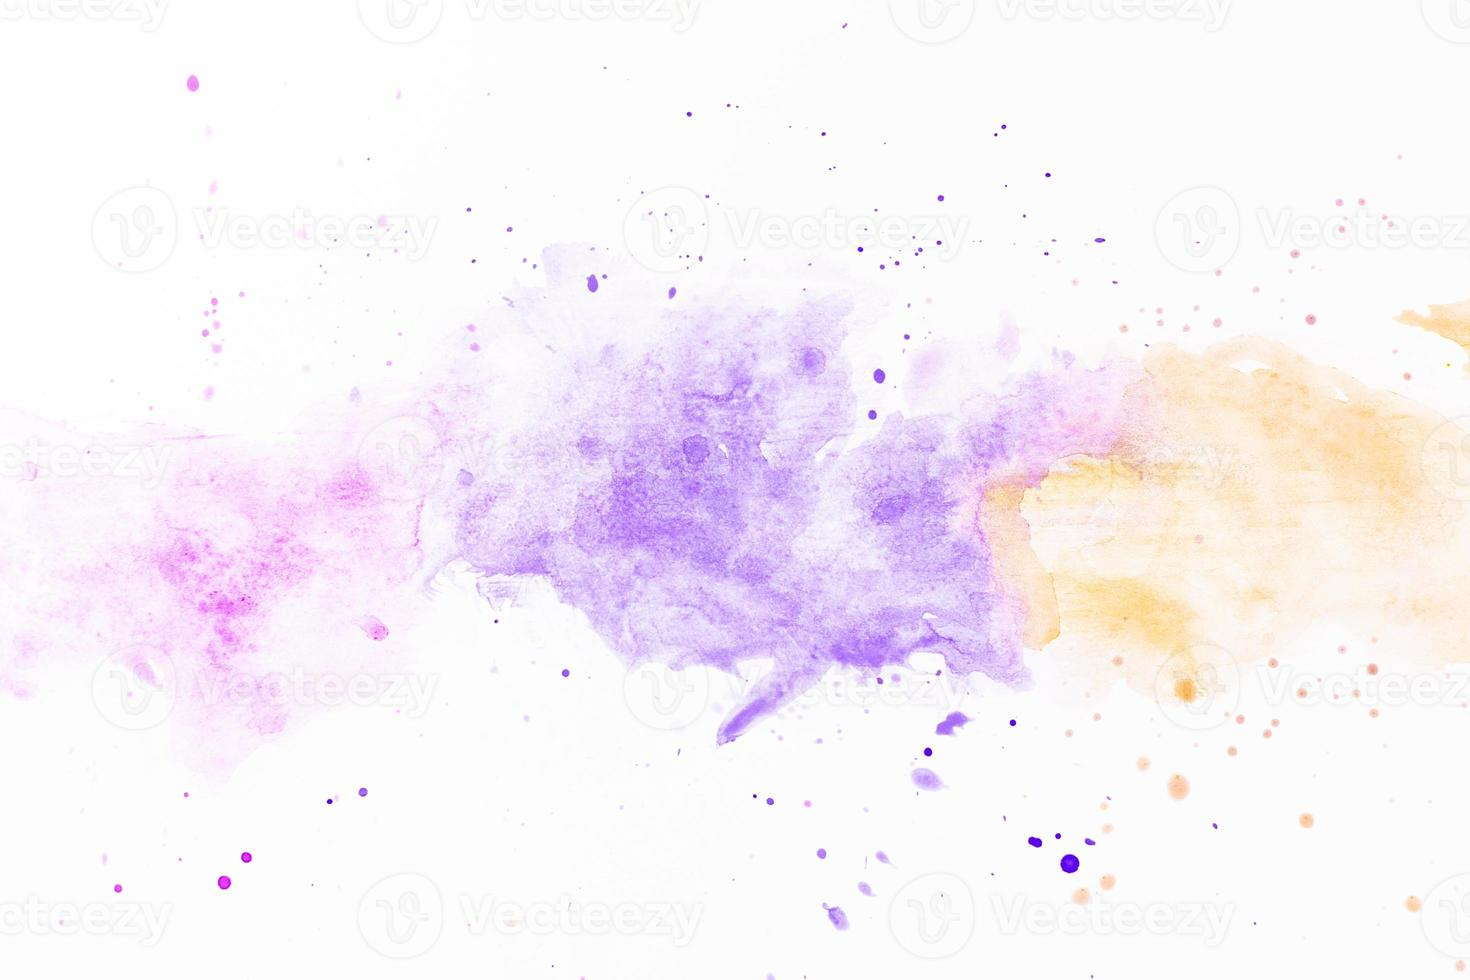 éclaboussures de peinture jaune violet photo